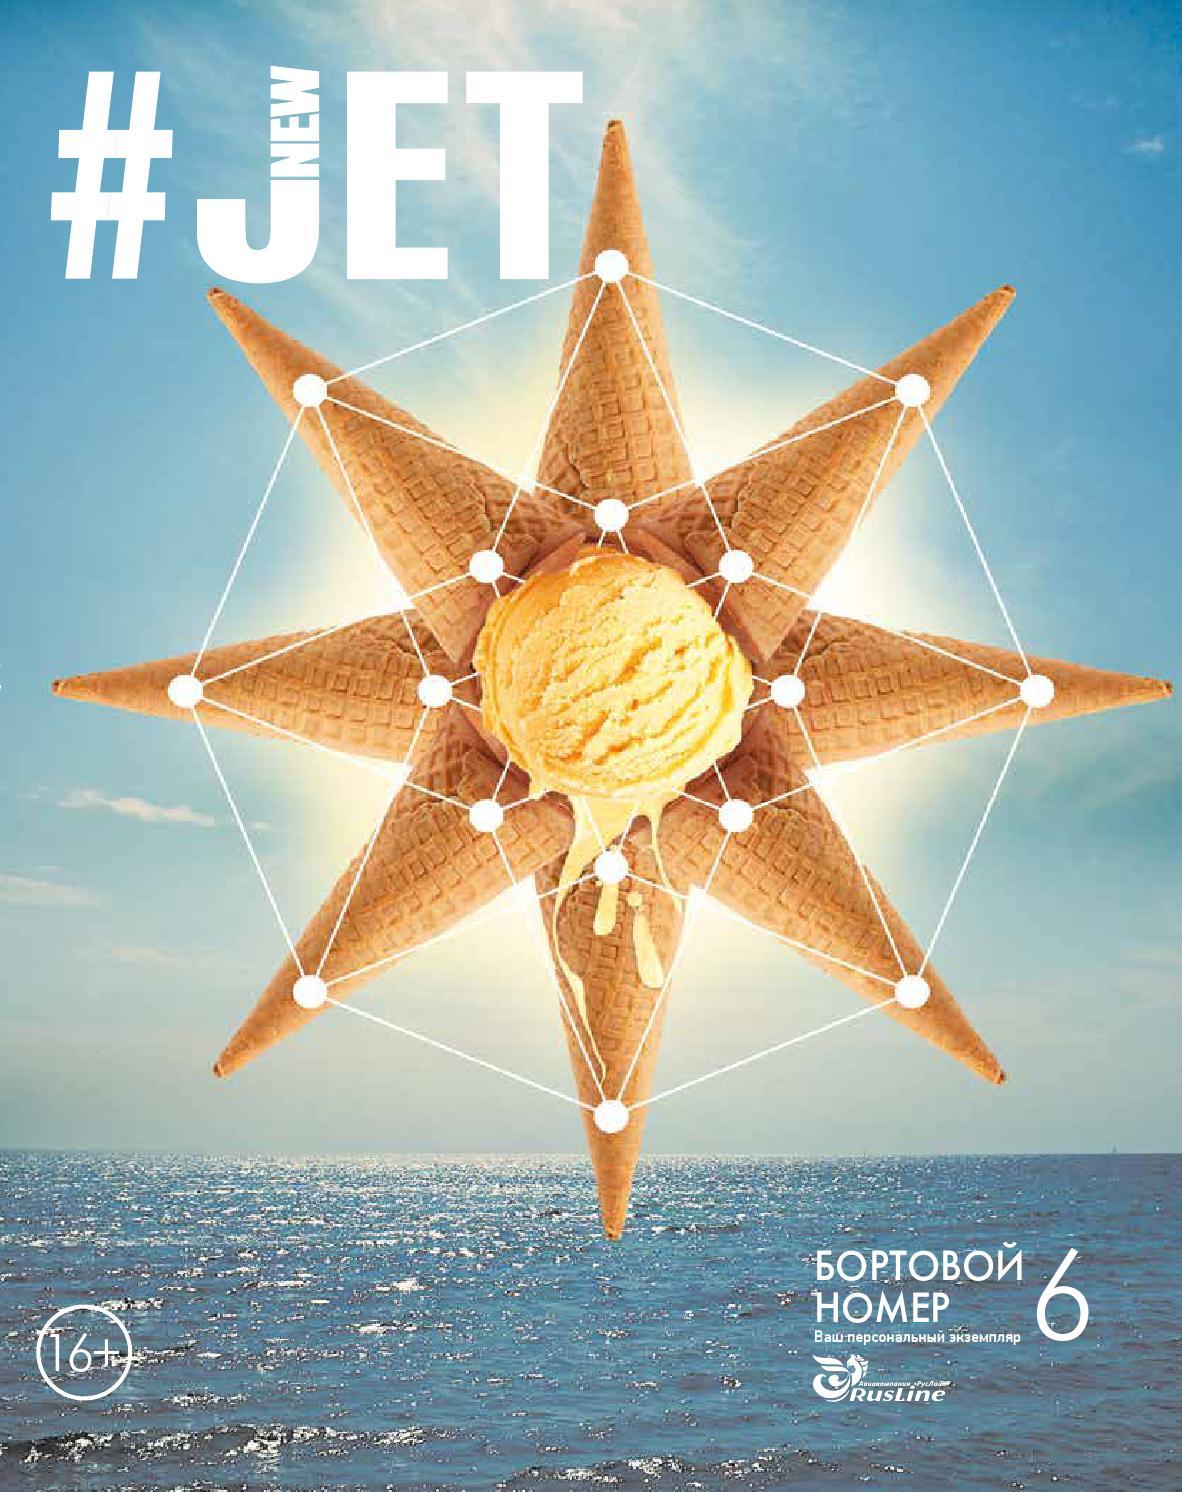 8361b30da090 № 6 (МАЙ - ИЮНЬ 2015) by Федеральный журнал #NEW JET - issuu